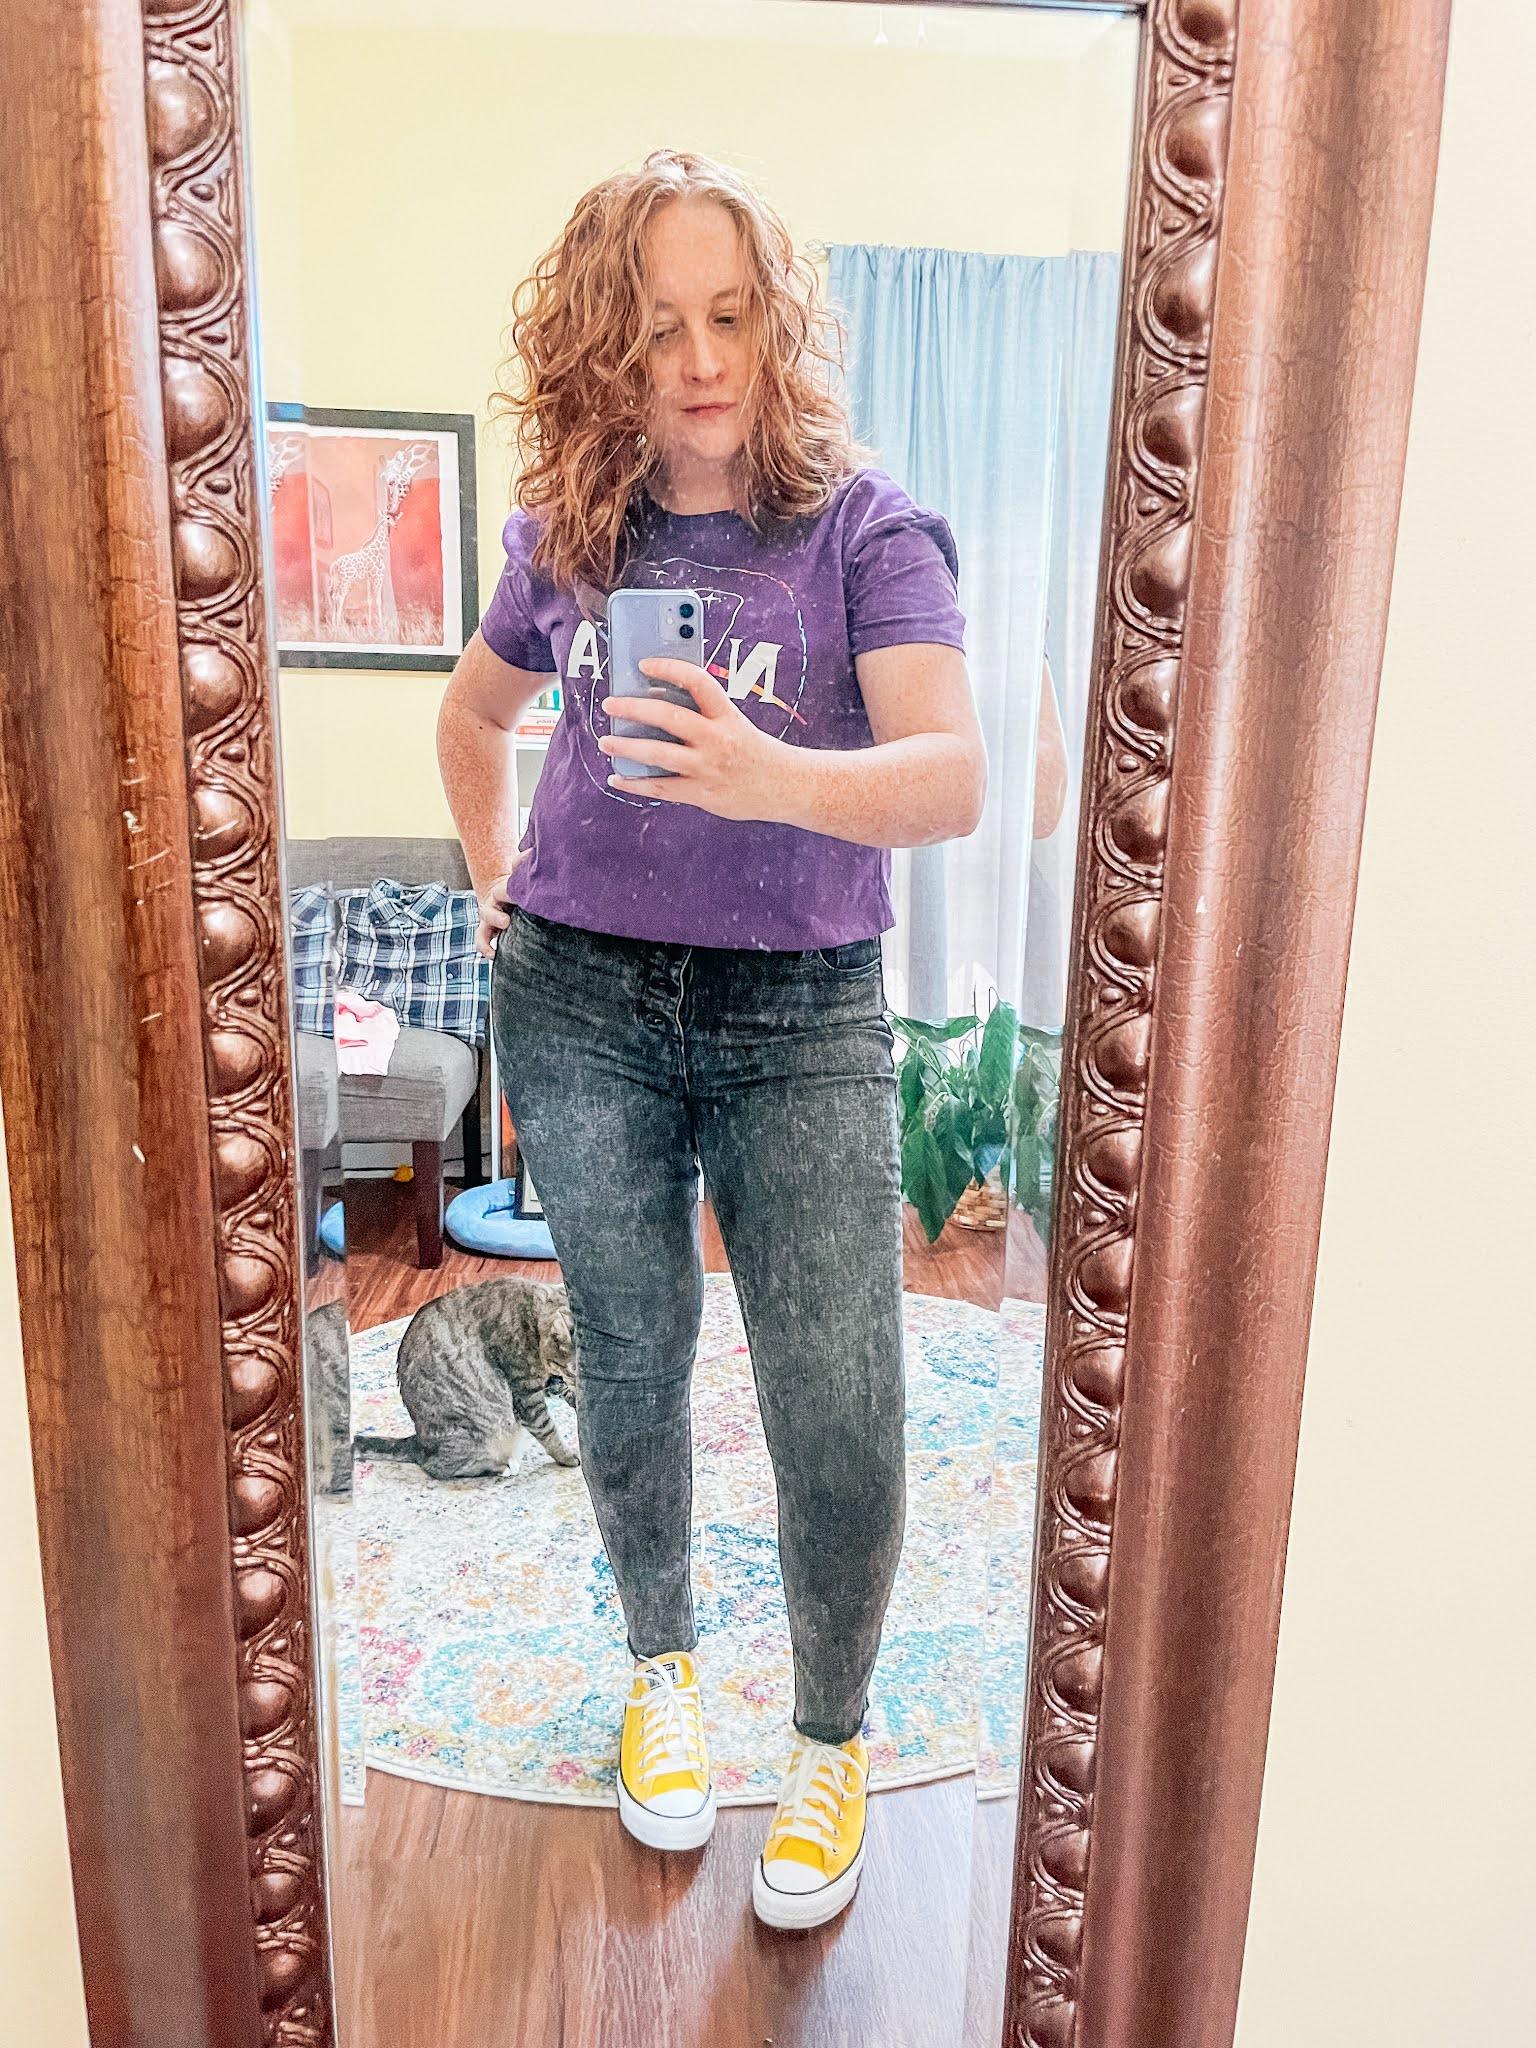 nasa-cropped-tshirt-gray-jeans-yellow-converse